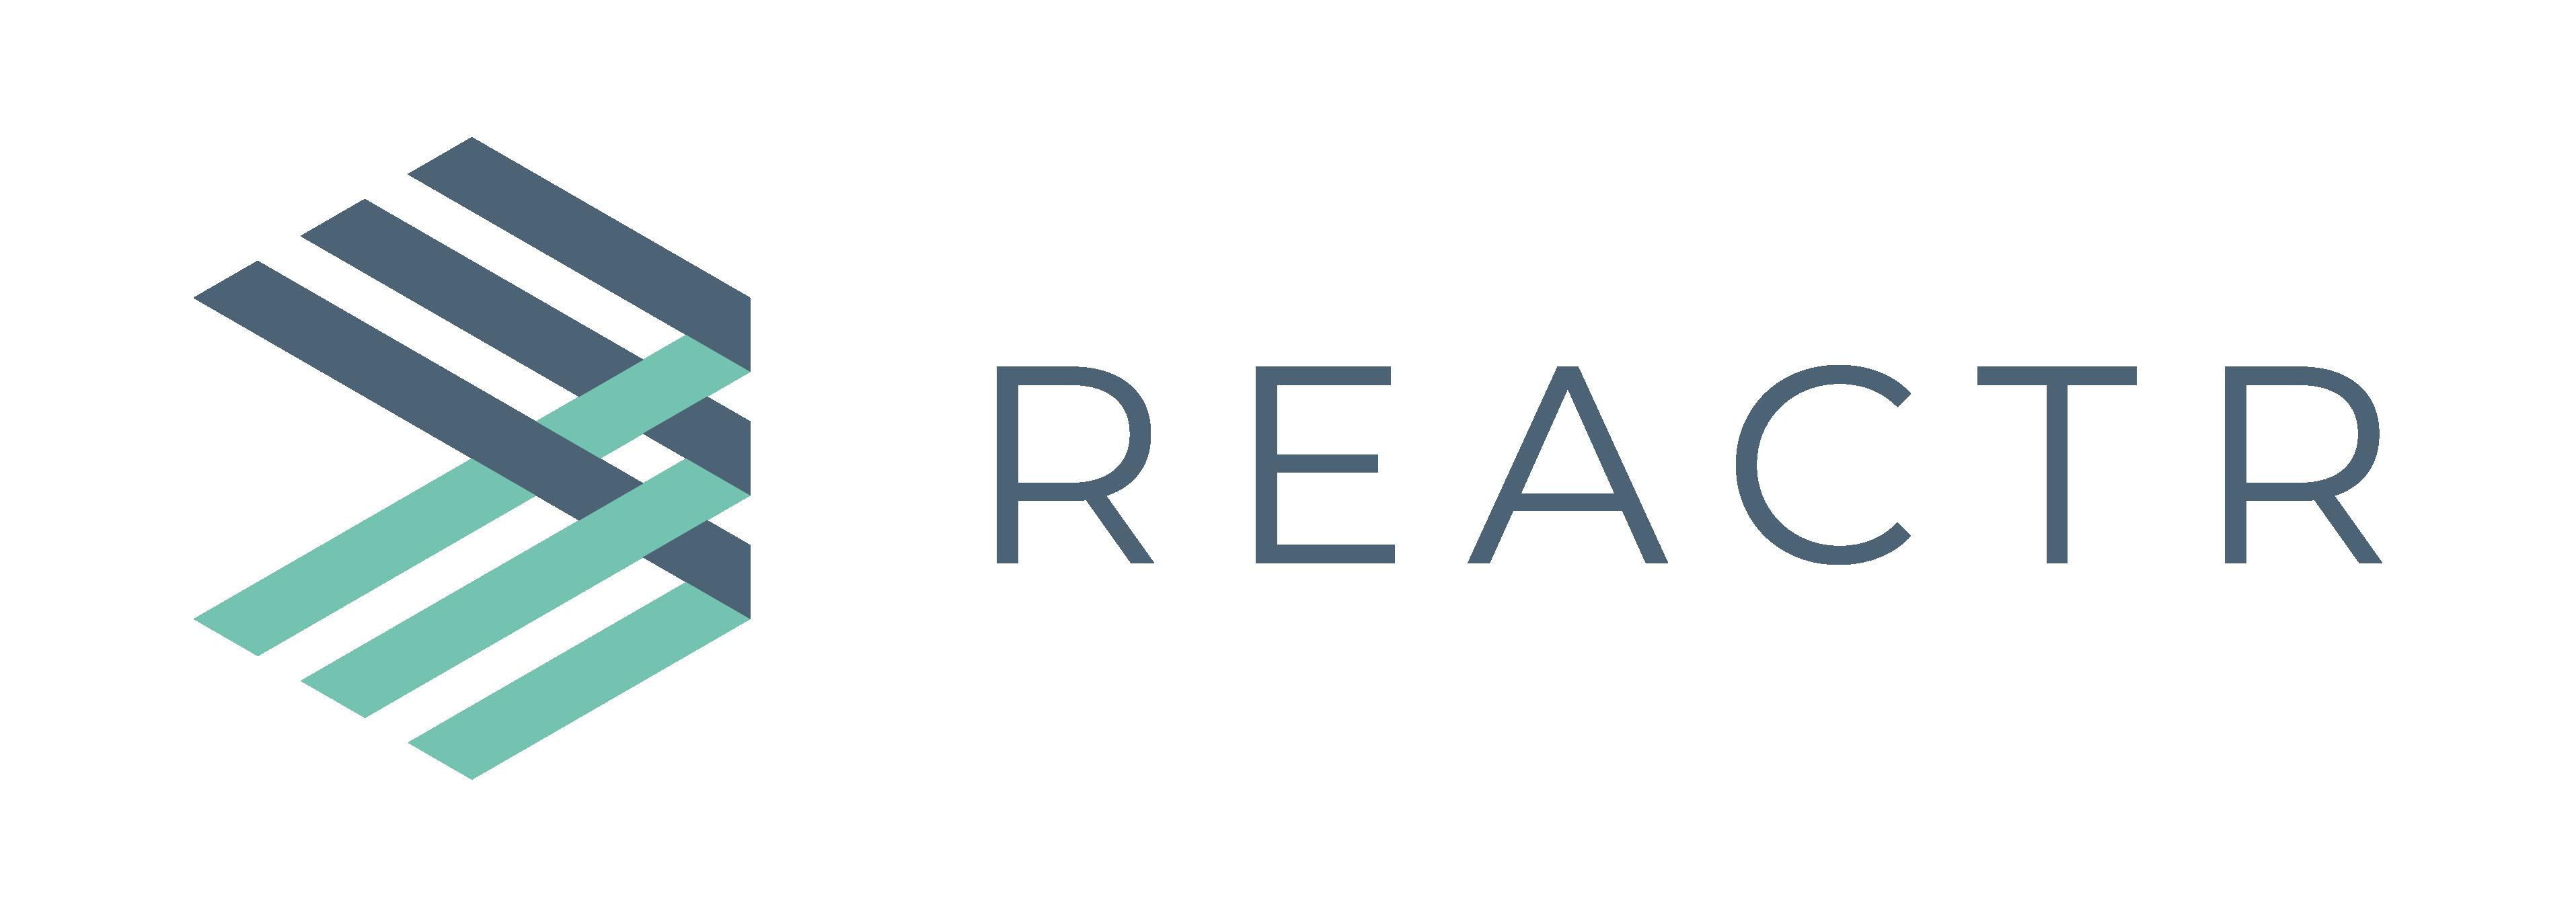 SOS_Reactr-Long-FullColour